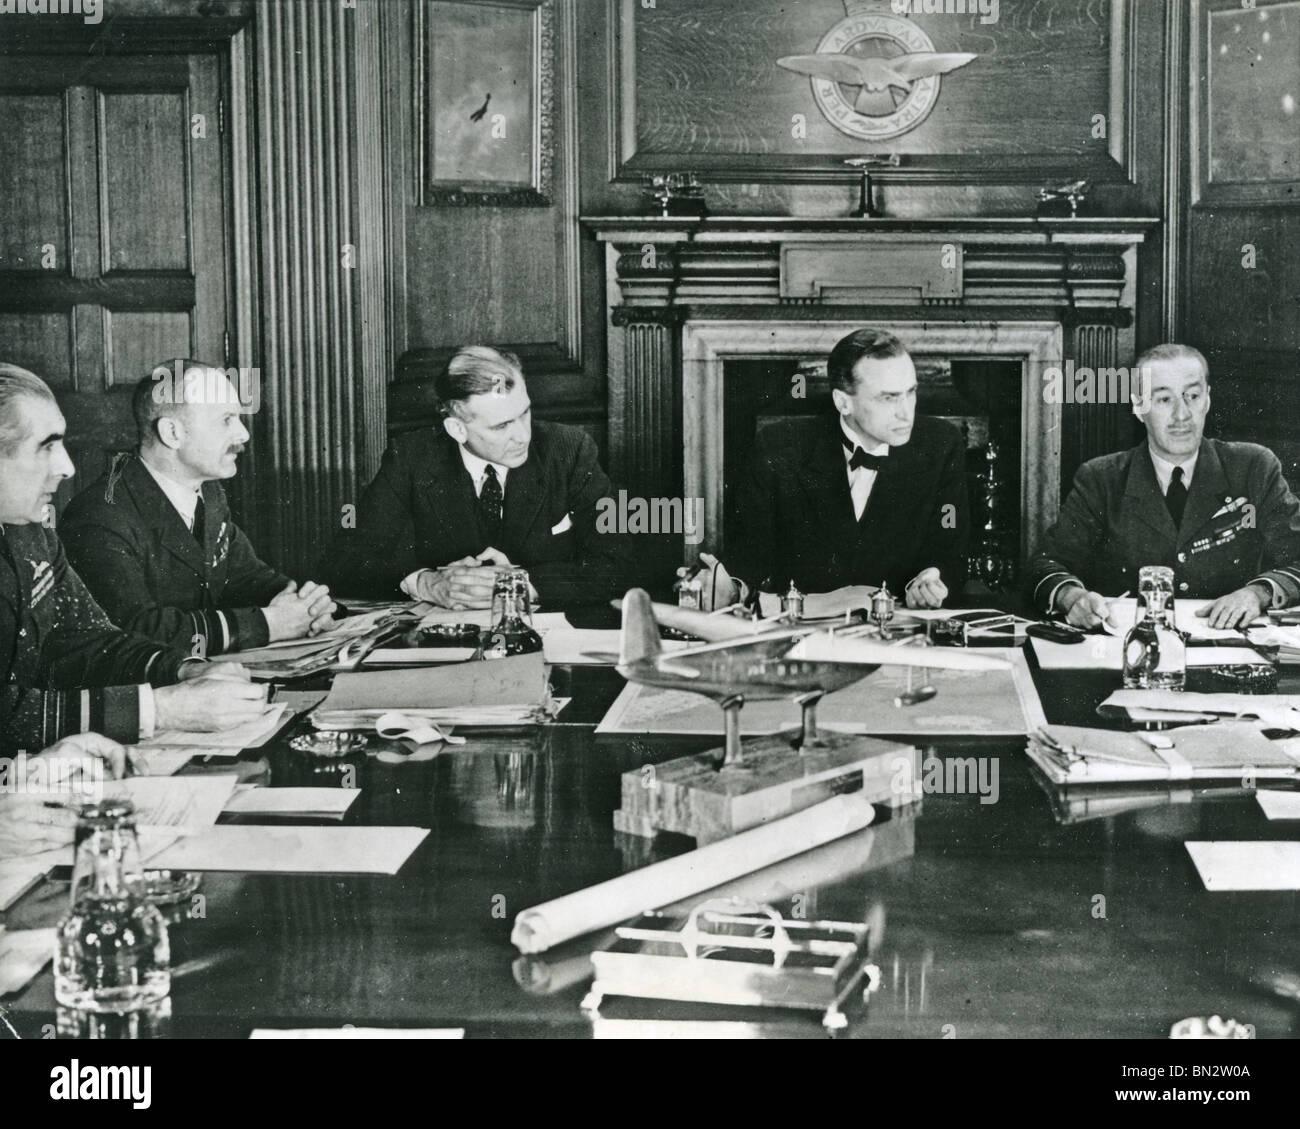 Consiglio di aria nella sessione presso il Ministero dell'aria nel luglio 1940 con Archibald Sinclair secondo Immagini Stock